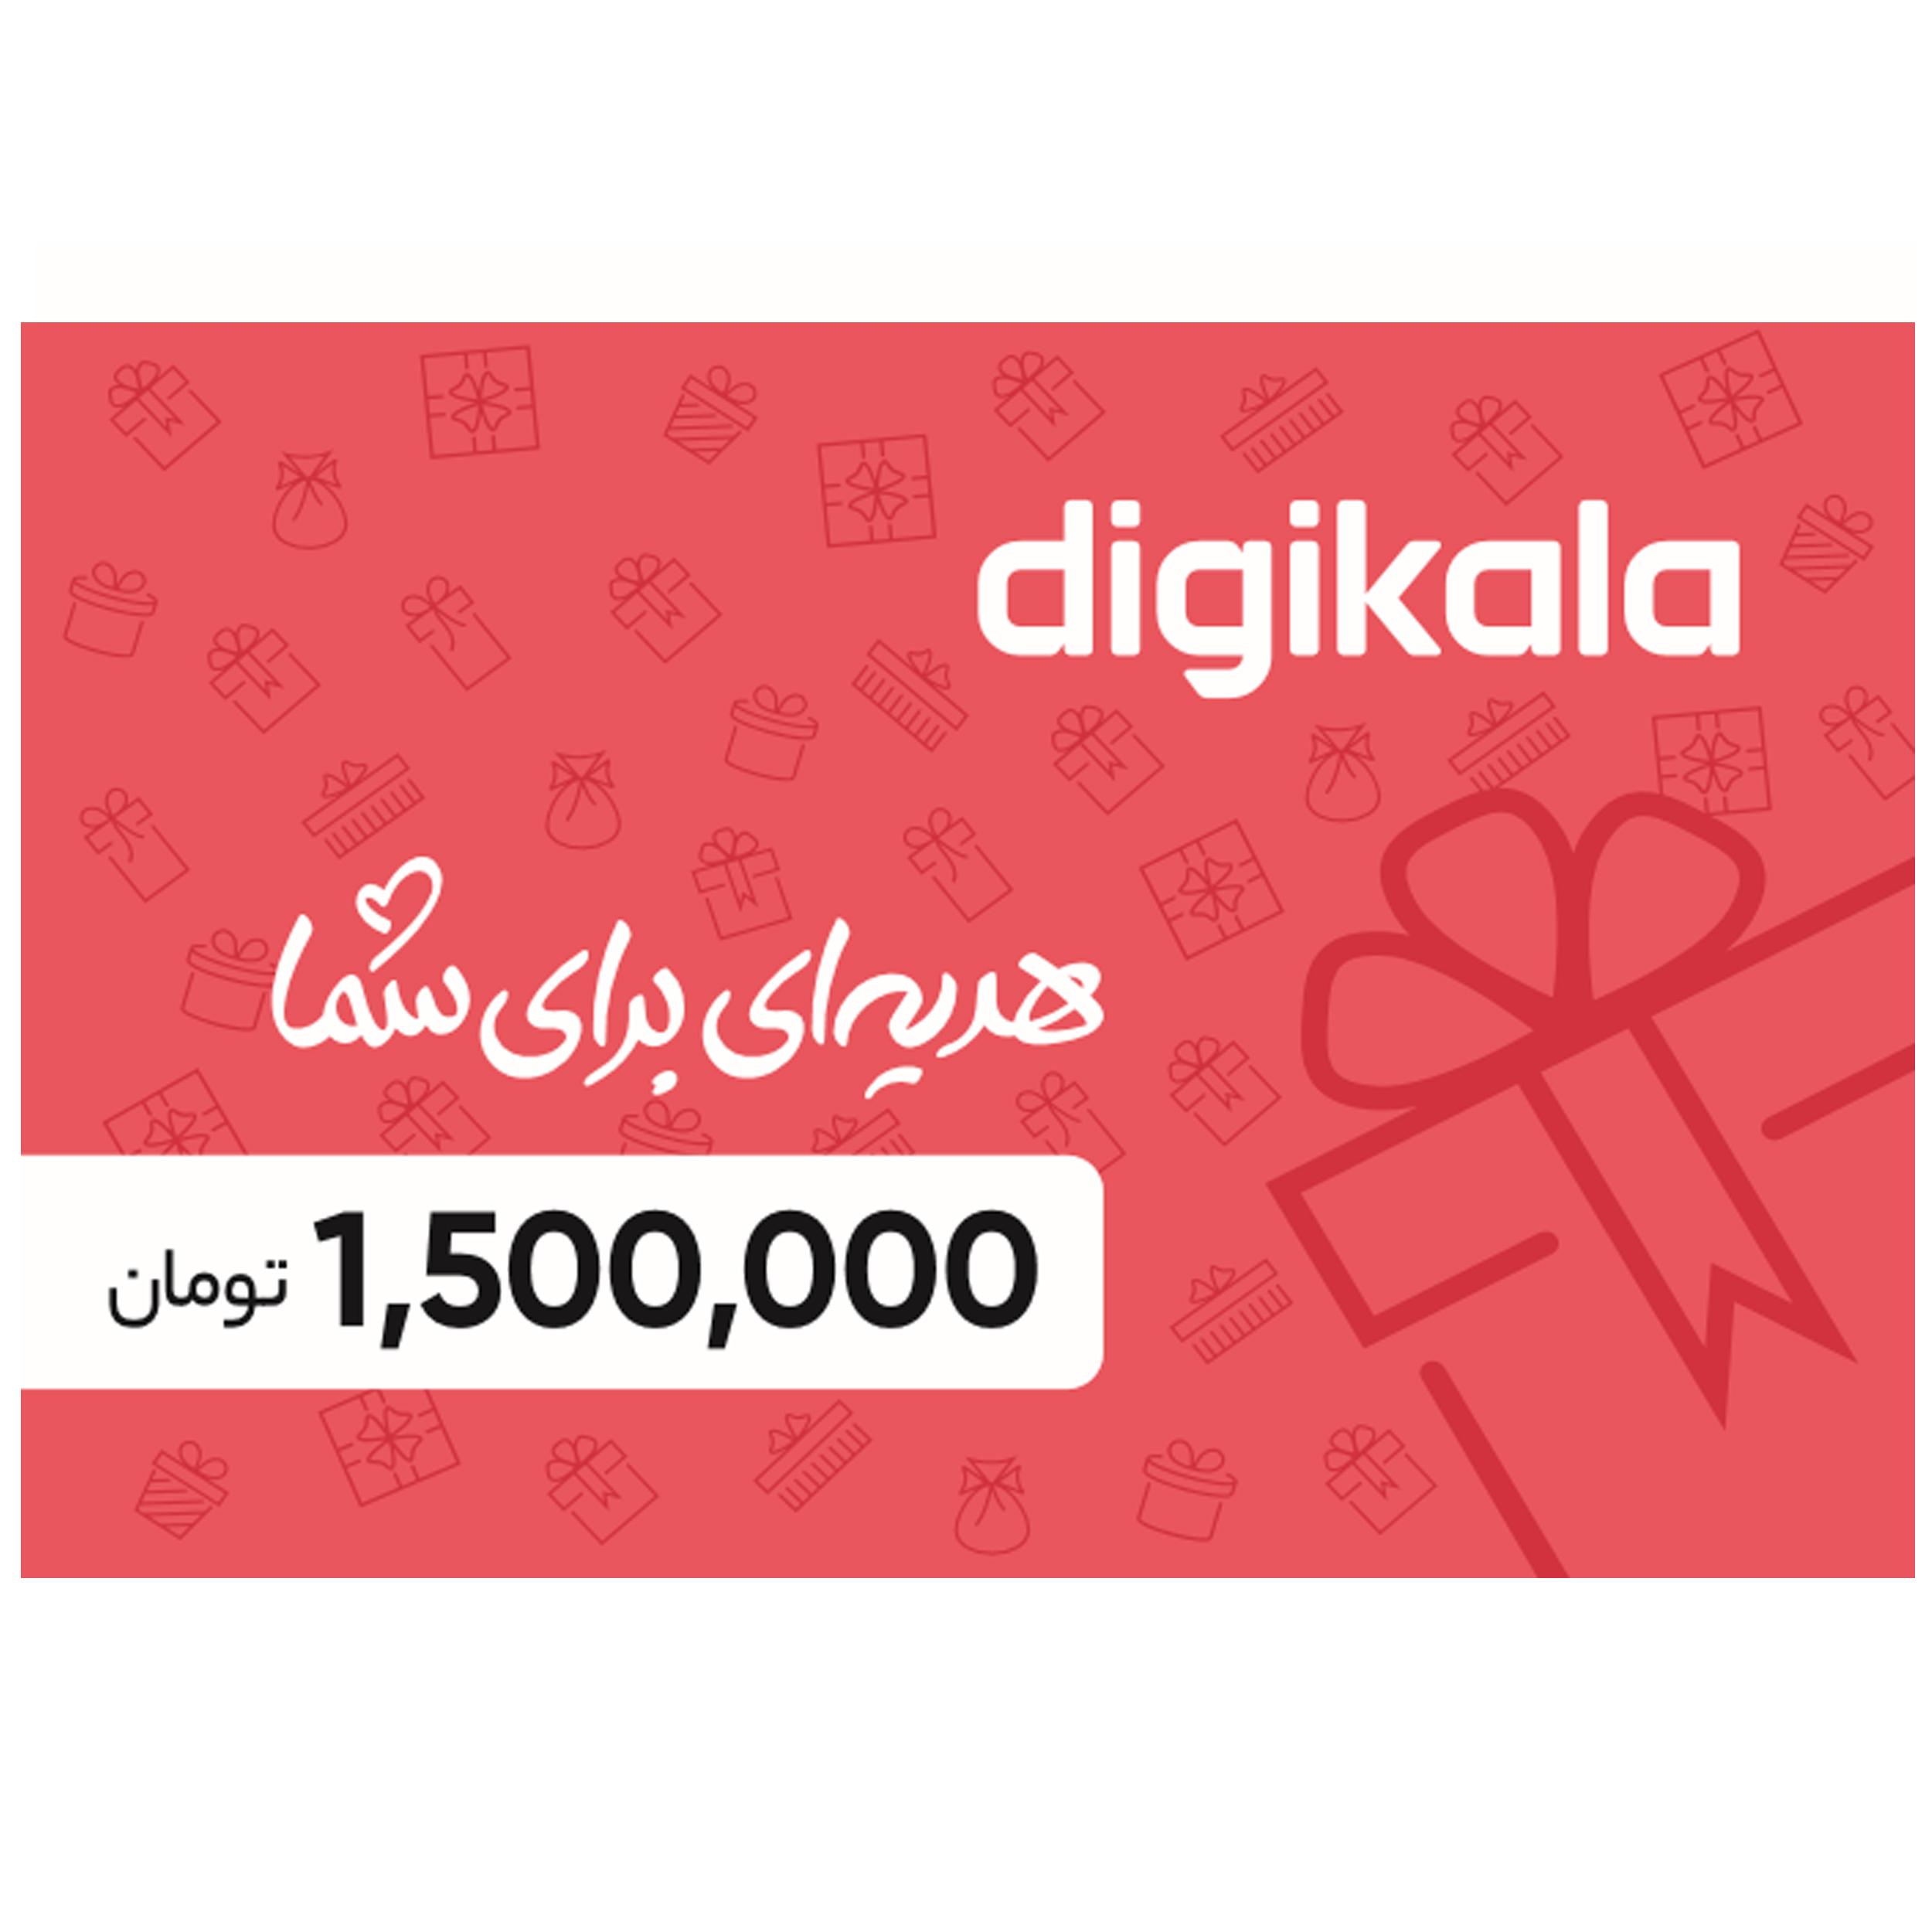 کارت هدیه دیجی کالا به ارزش 1,500,000 تومان طرح هدیه  main 1 2